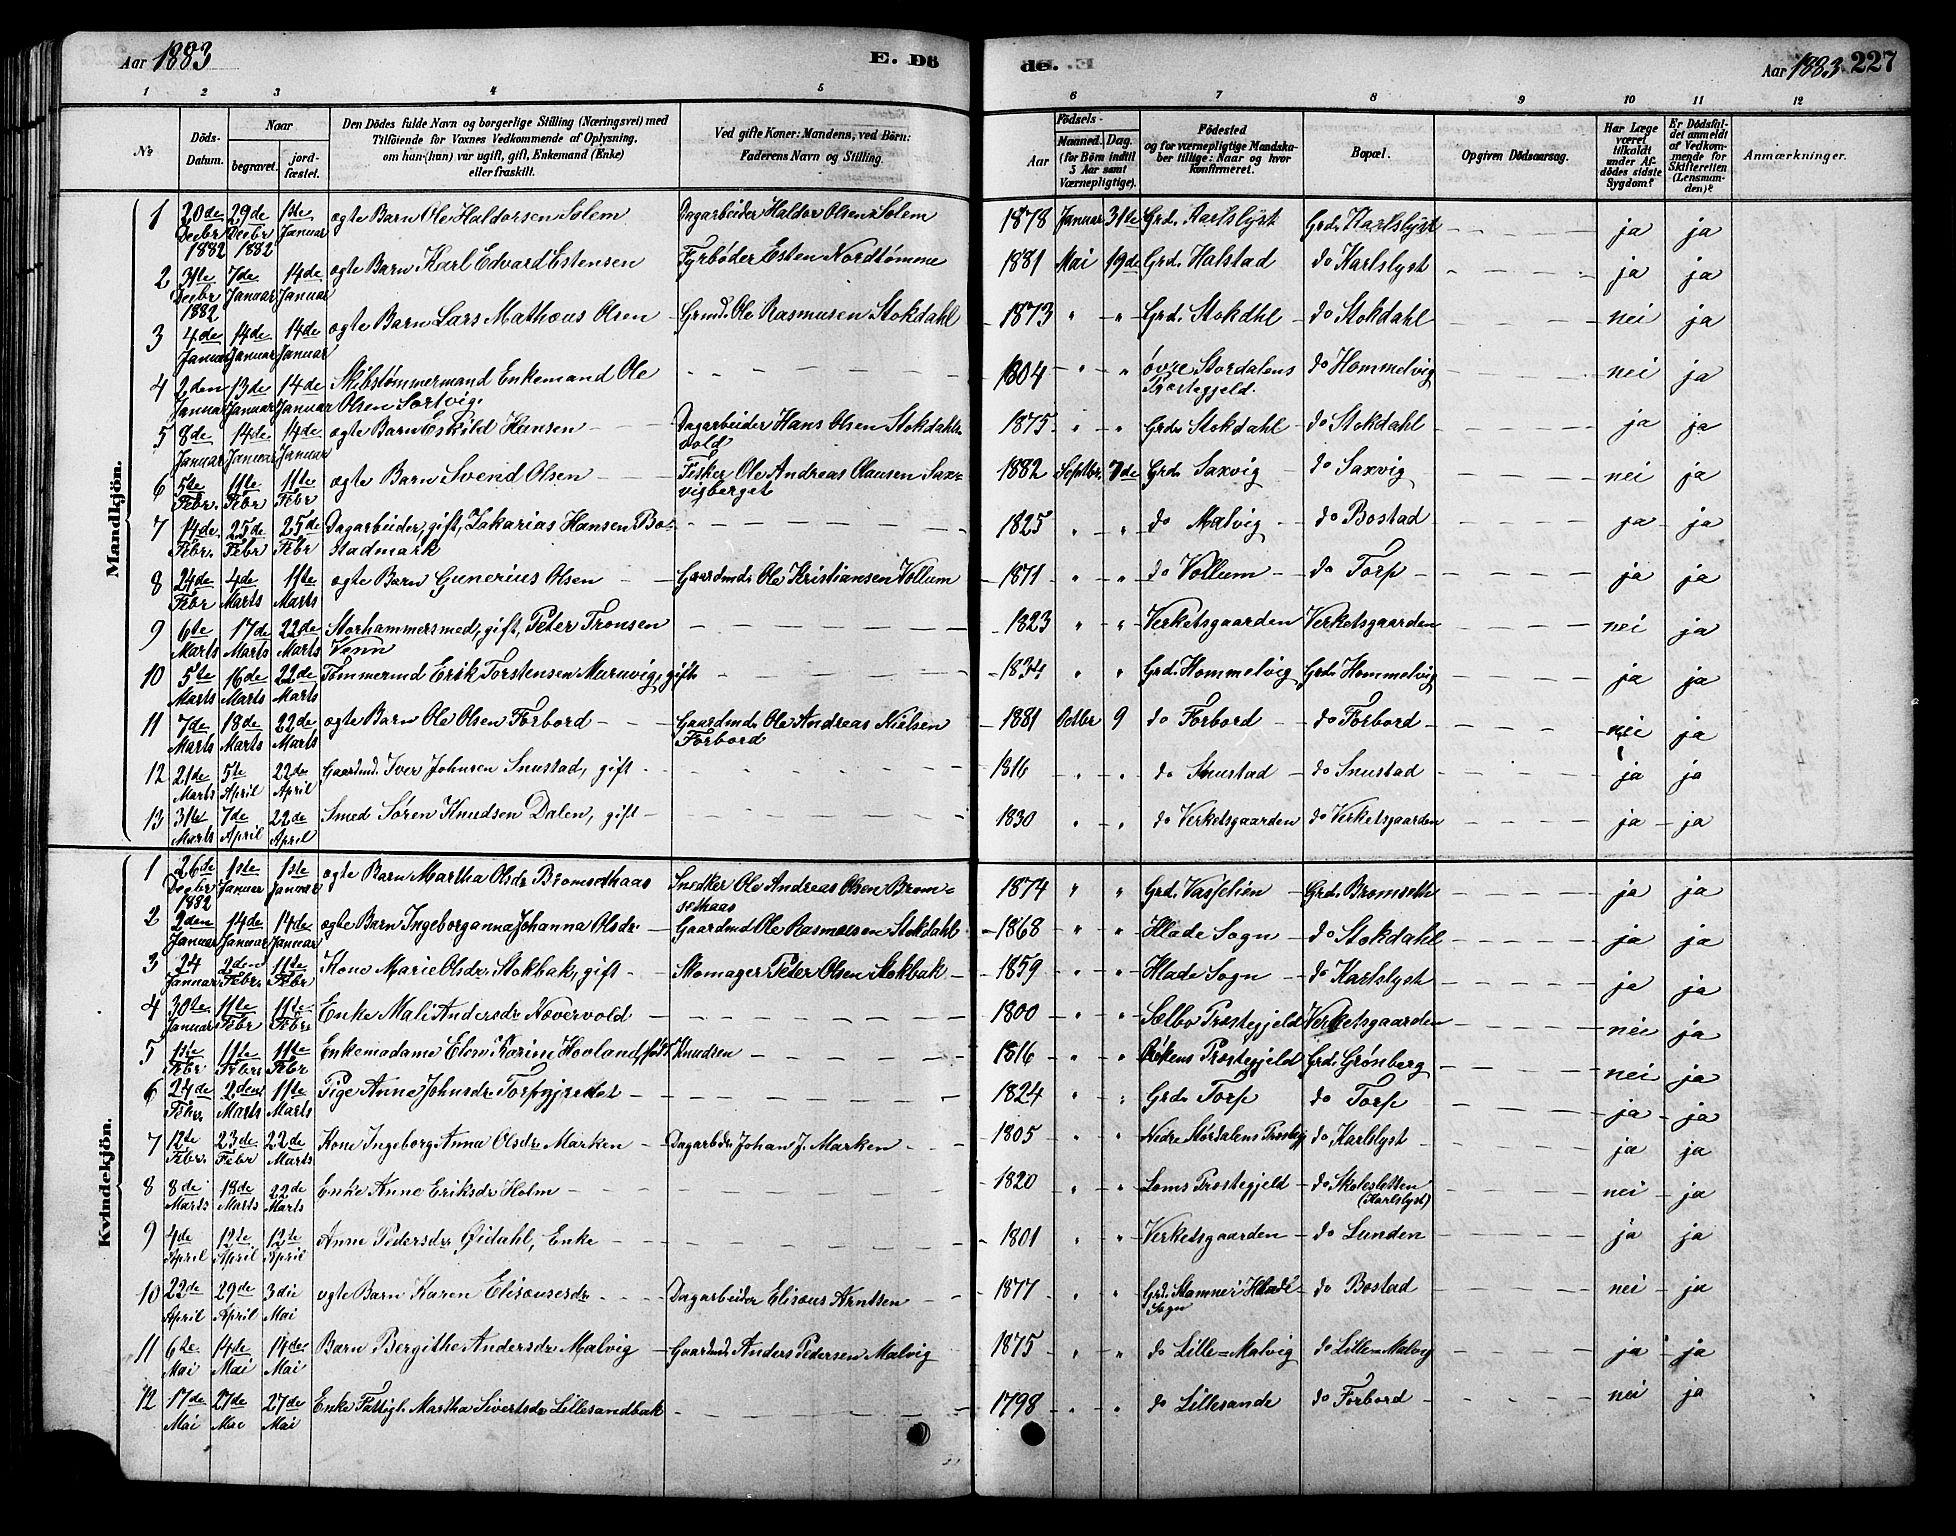 SAT, Ministerialprotokoller, klokkerbøker og fødselsregistre - Sør-Trøndelag, 616/L0423: Klokkerbok nr. 616C06, 1878-1903, s. 227